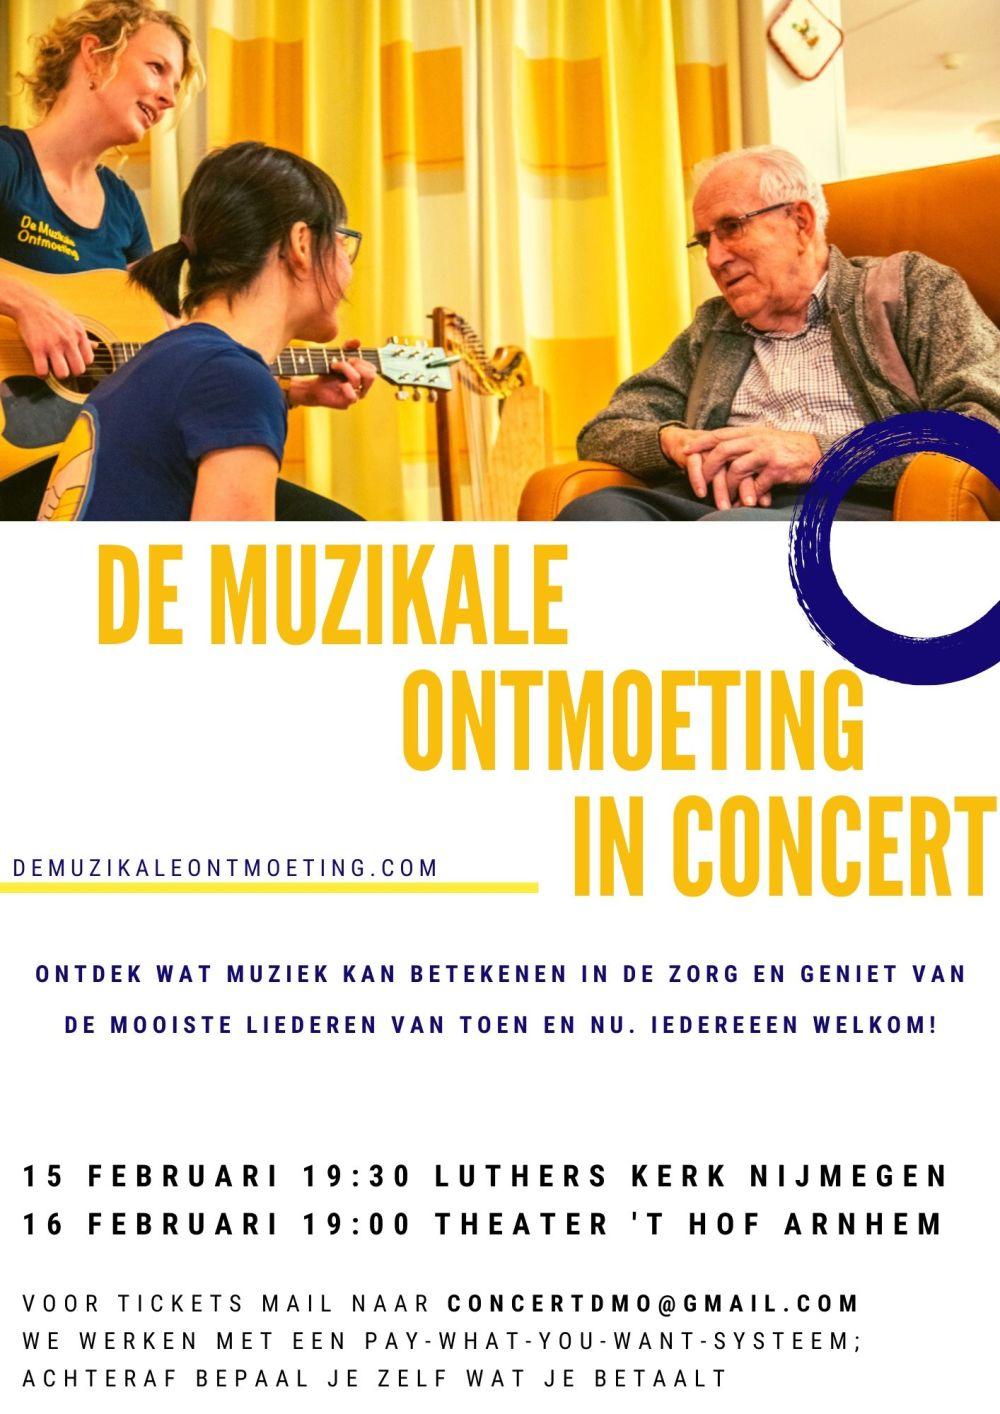 de muzikale ontmoeting in concert - poster algemeen afbeelding